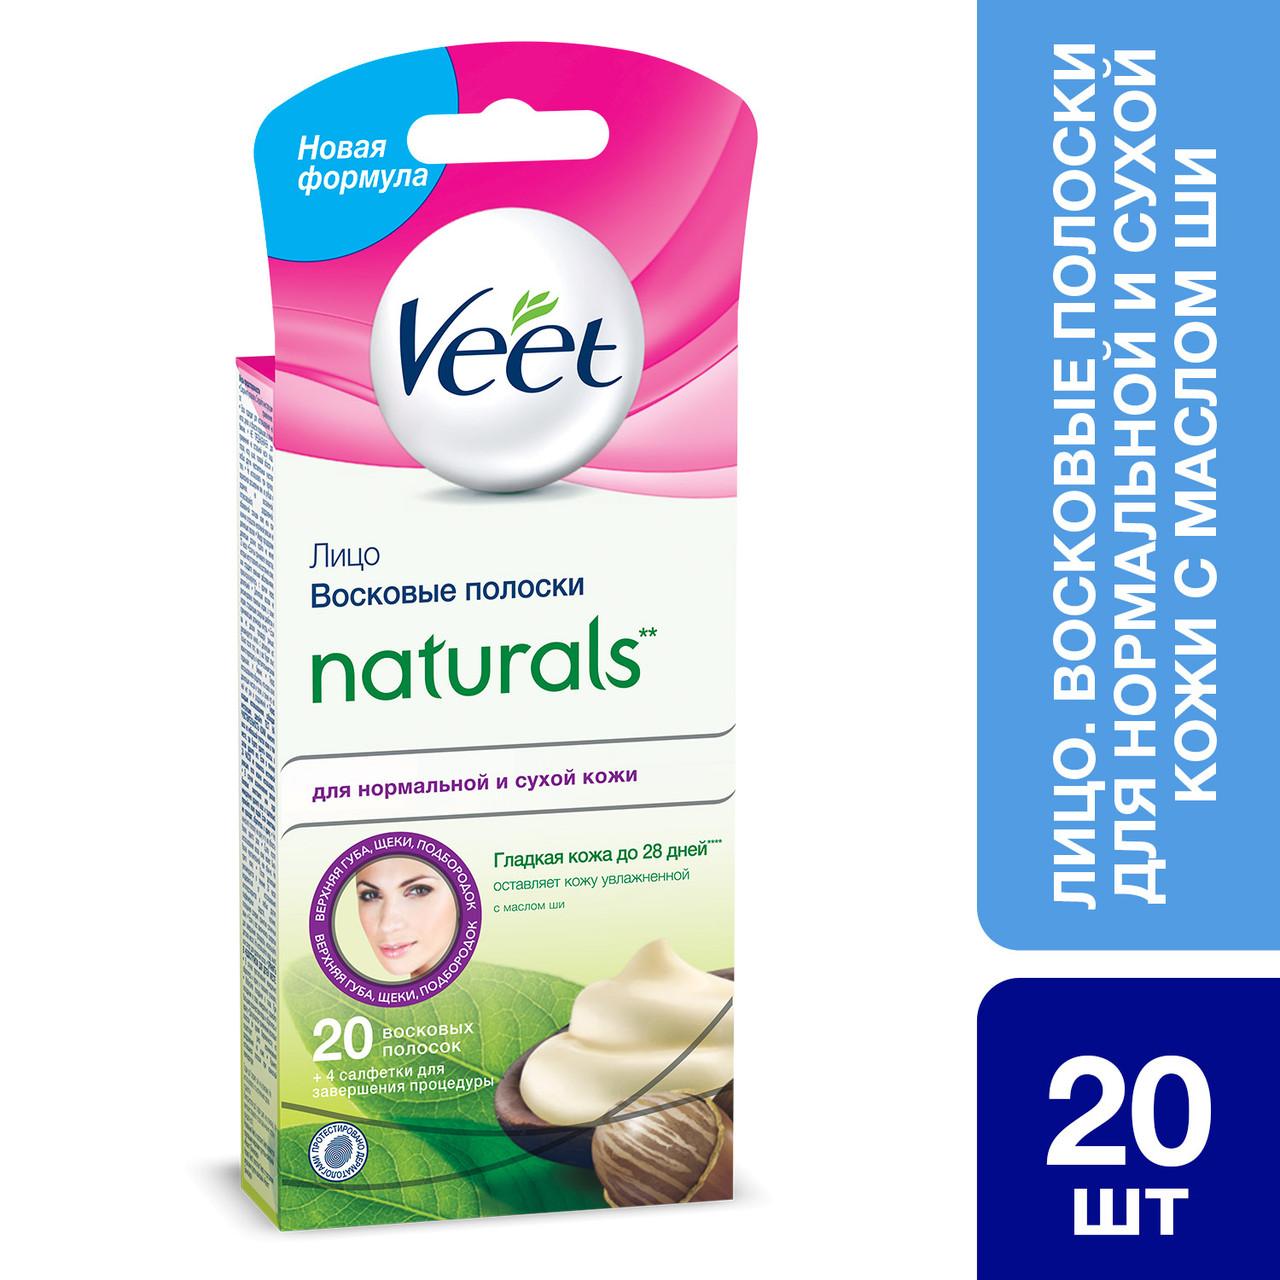 Восковые полоски для лица Veet Naturals с маслом ши,  20 шт